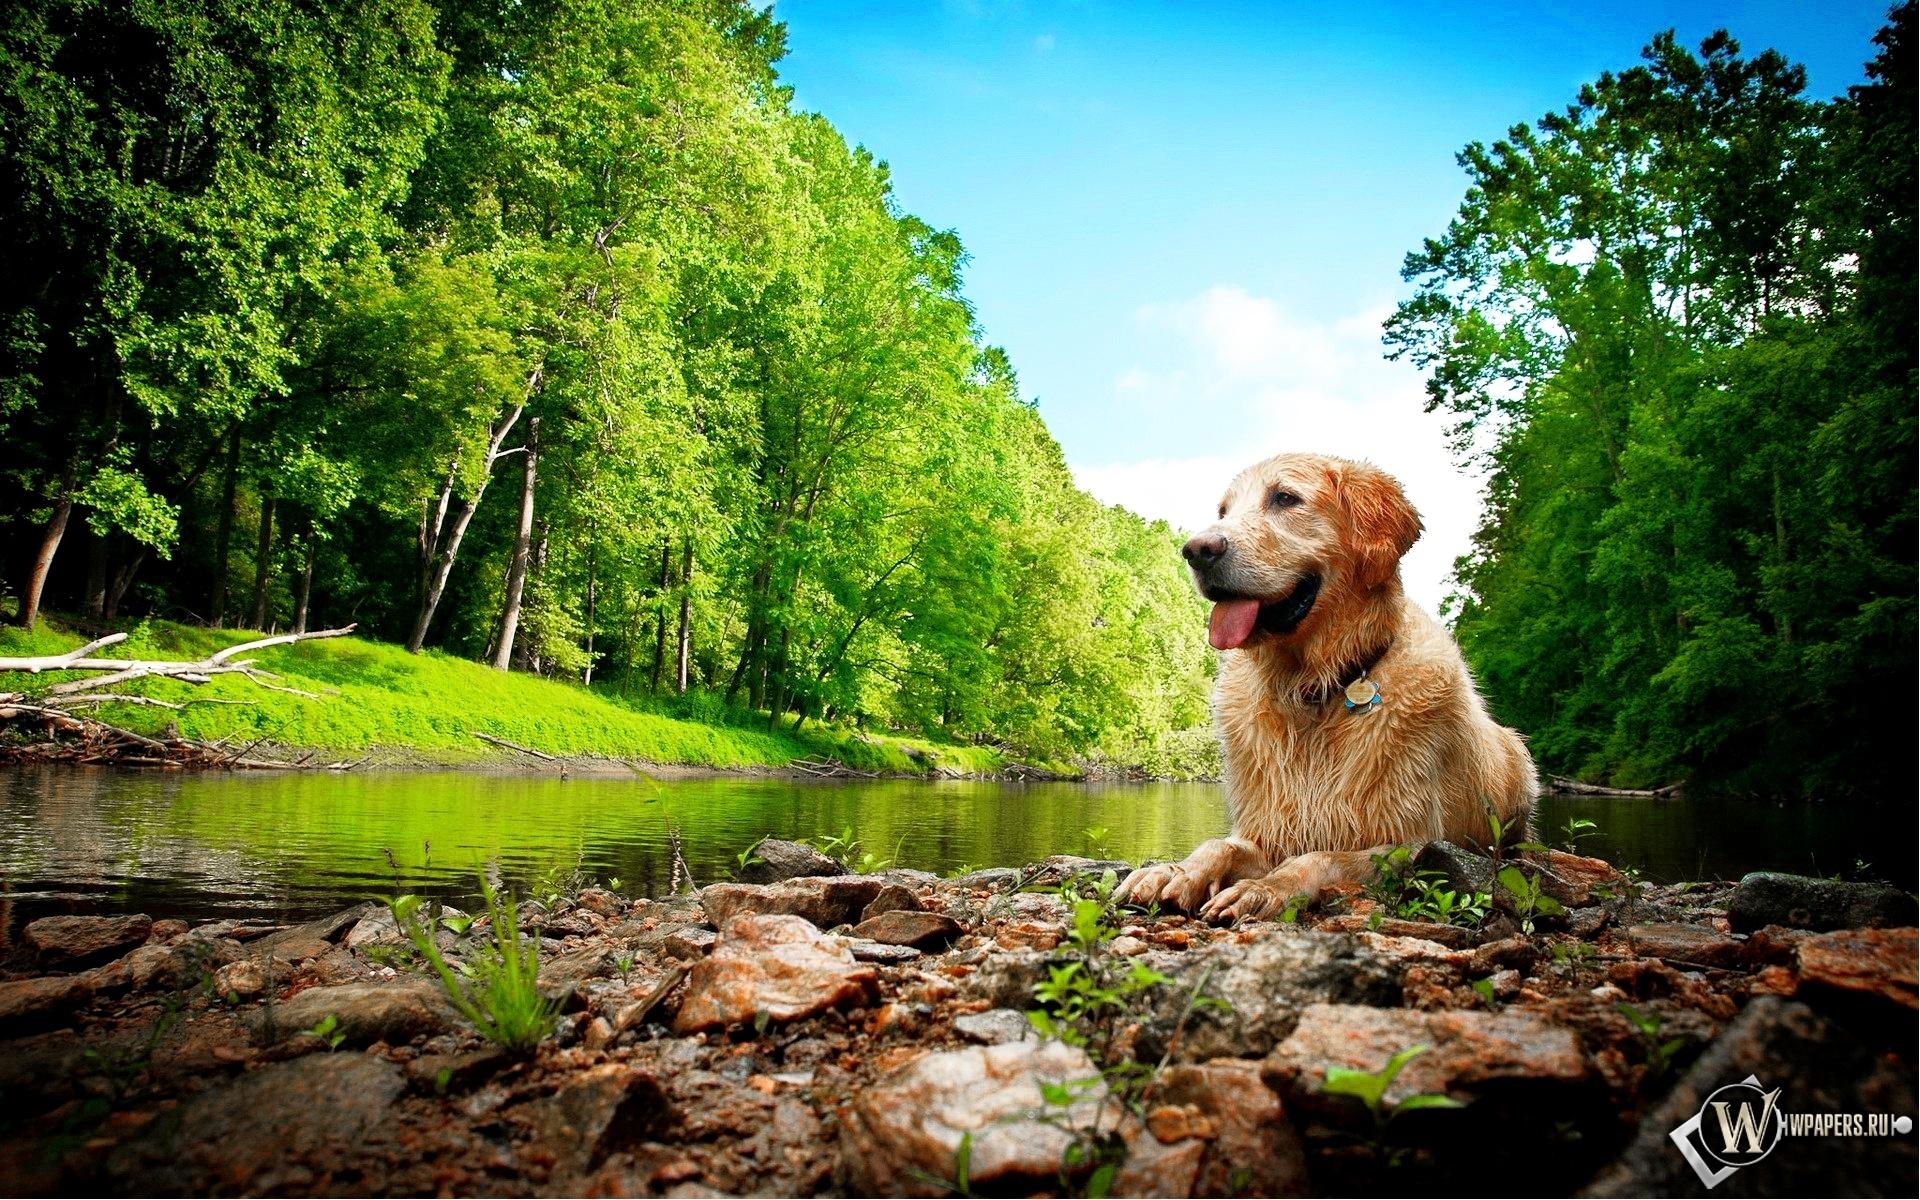 собака животное природа  № 690772 загрузить